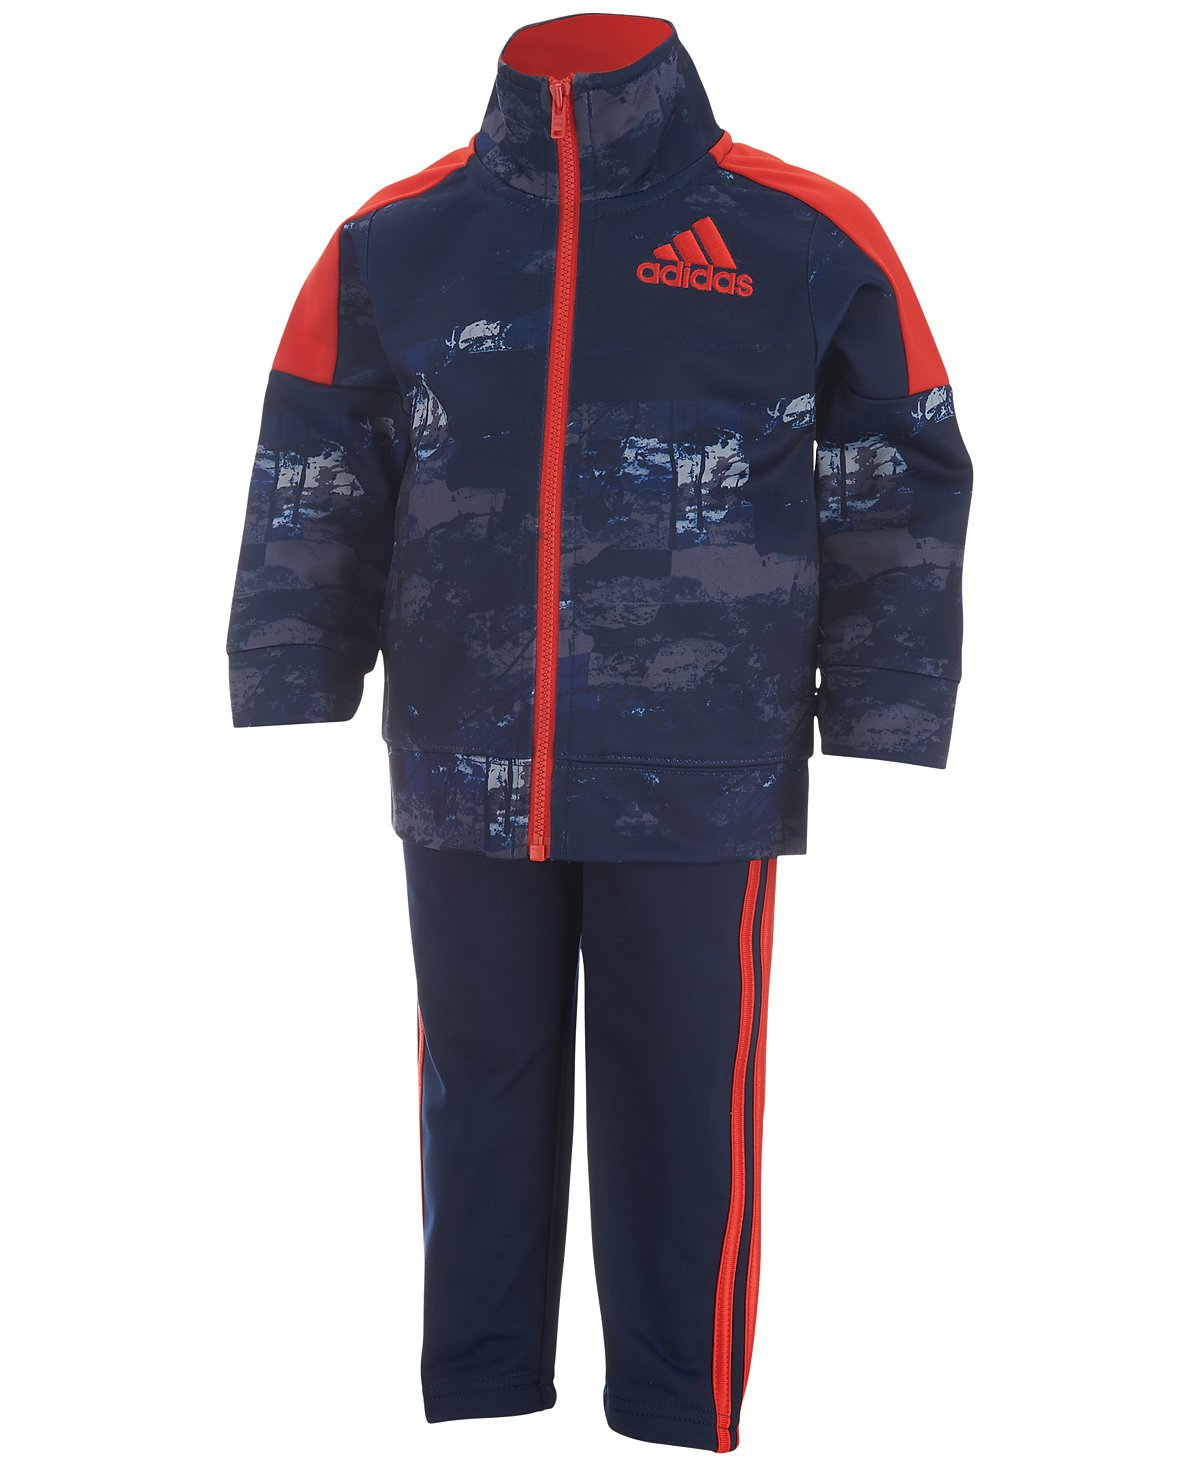 Adidas Boy's 2 Piece Elemental Track Suit (3T, Dark Indigo (410) / Red/Dark Indigo) by adidas